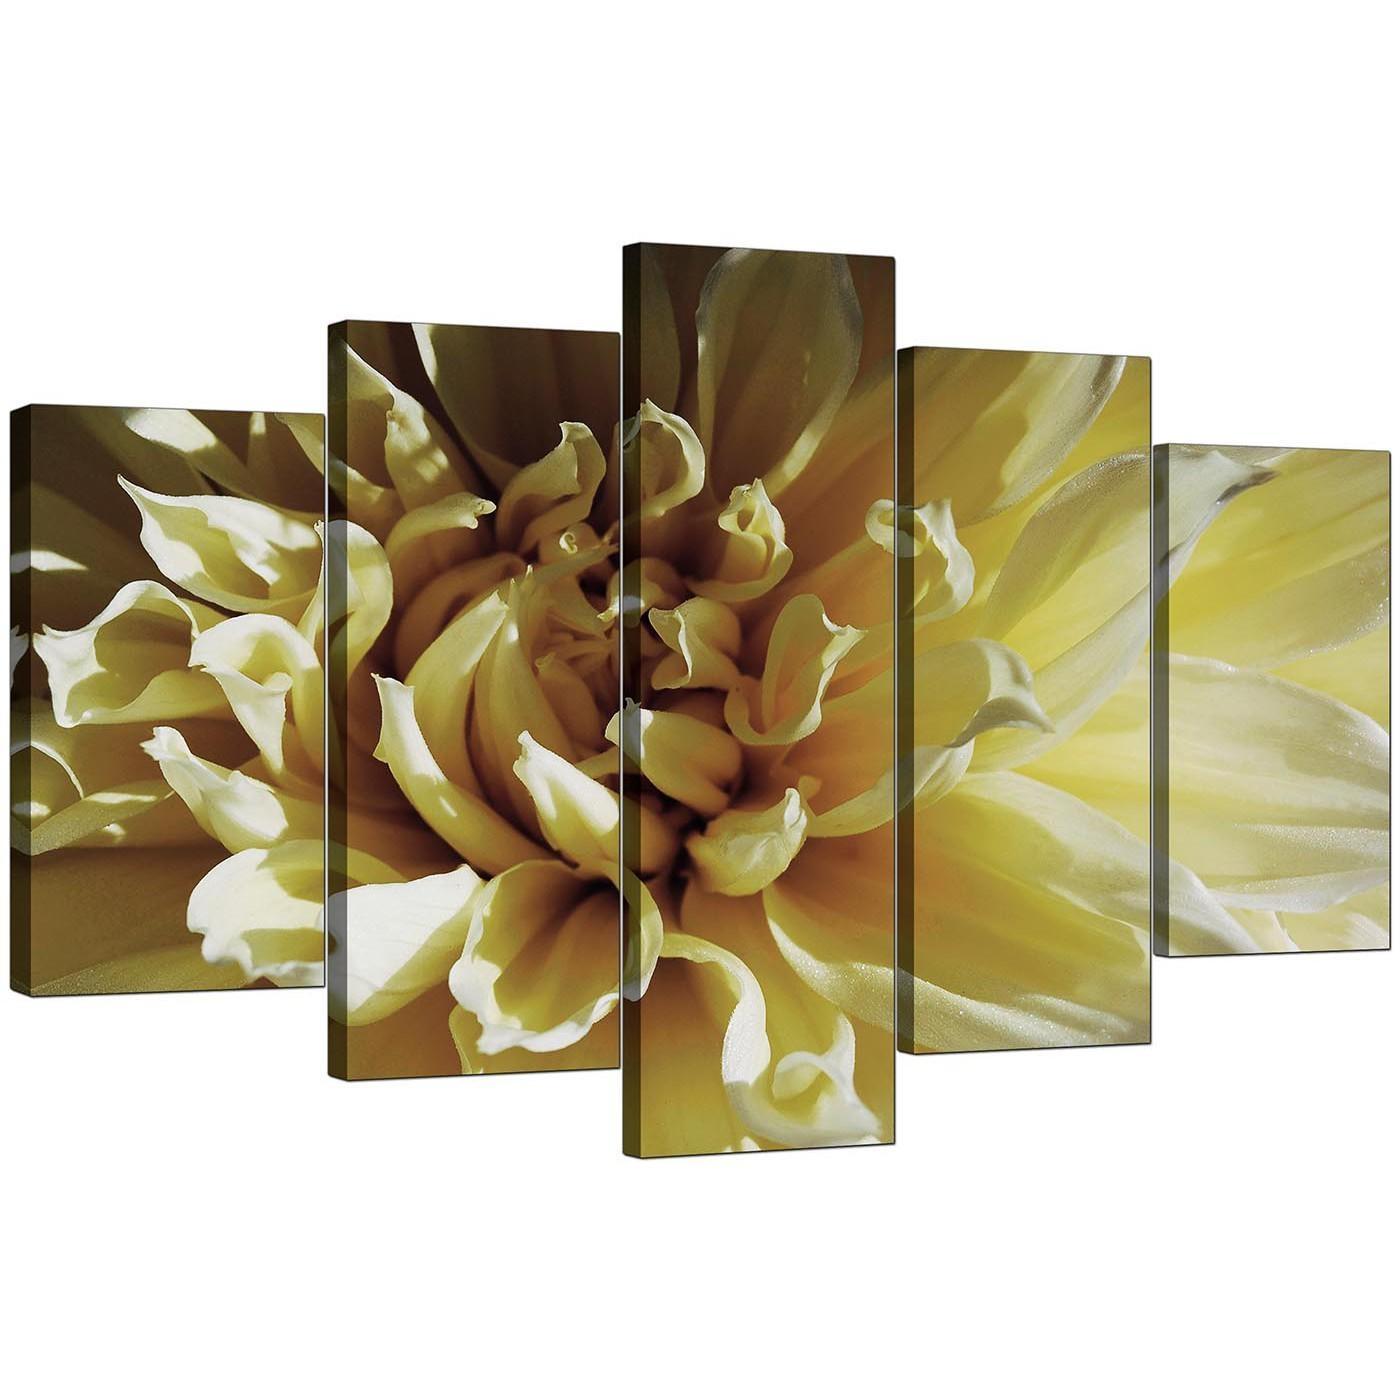 20 Best Collection of Flower Wall Art Canvas | Wall Art Ideas